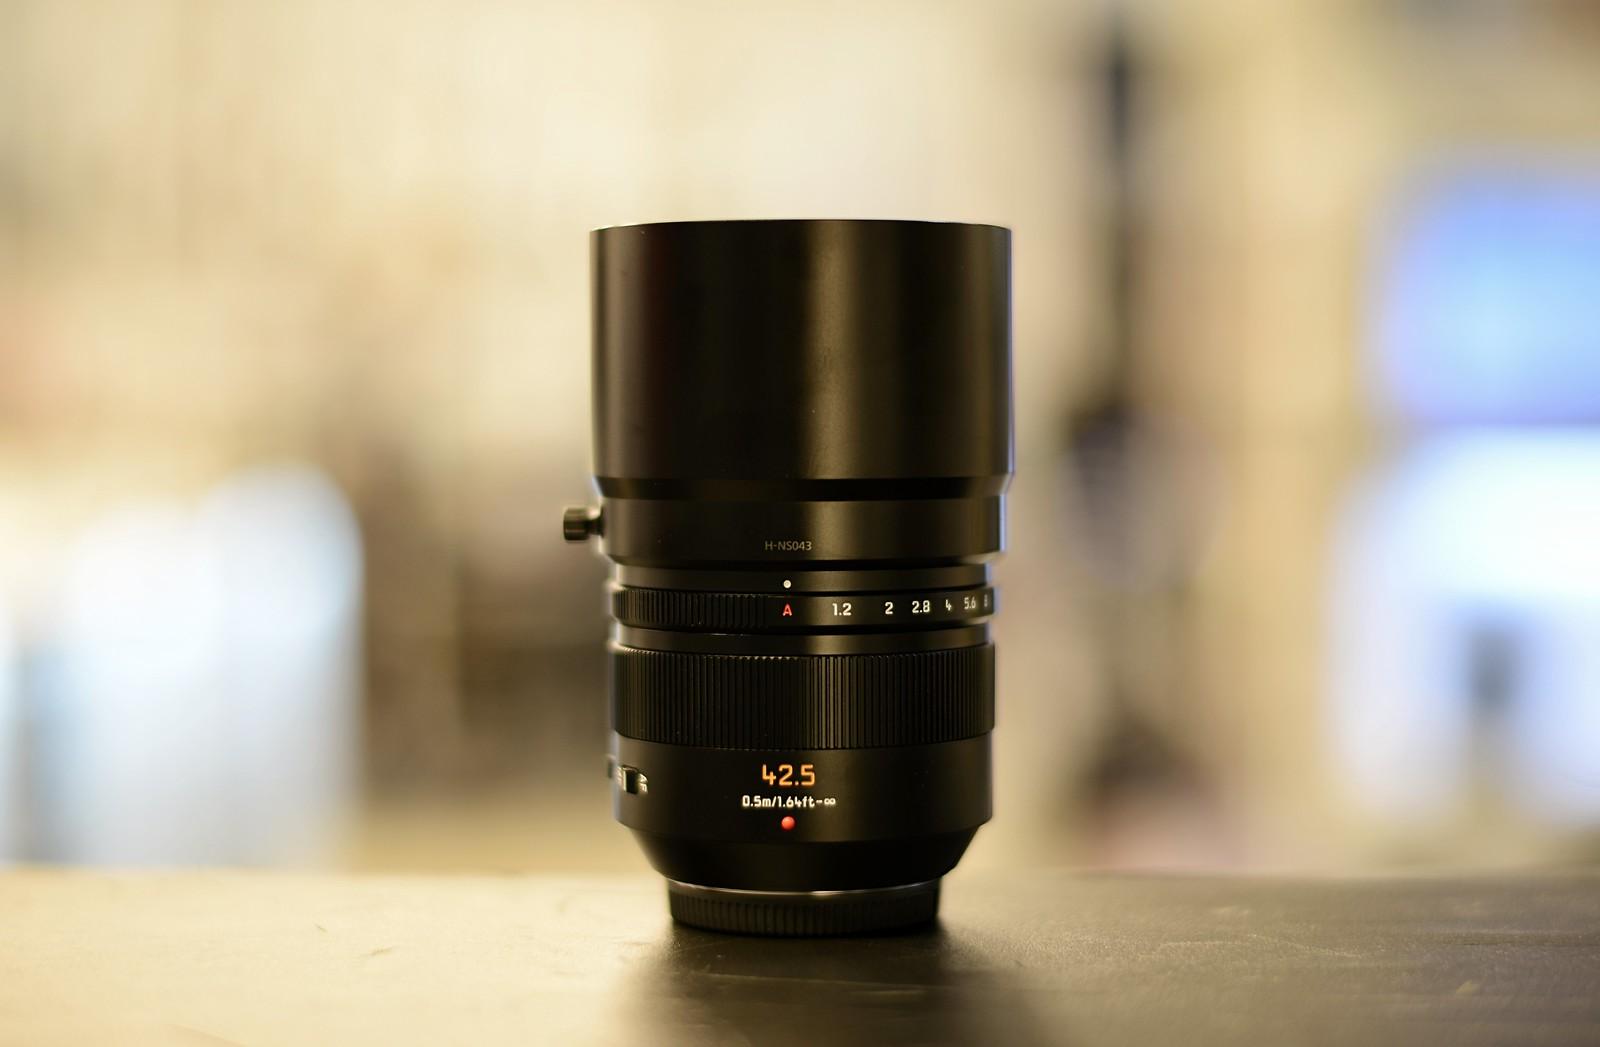 Panasonic Leica DG Nocticron 42.5mm 1.2 ASPH